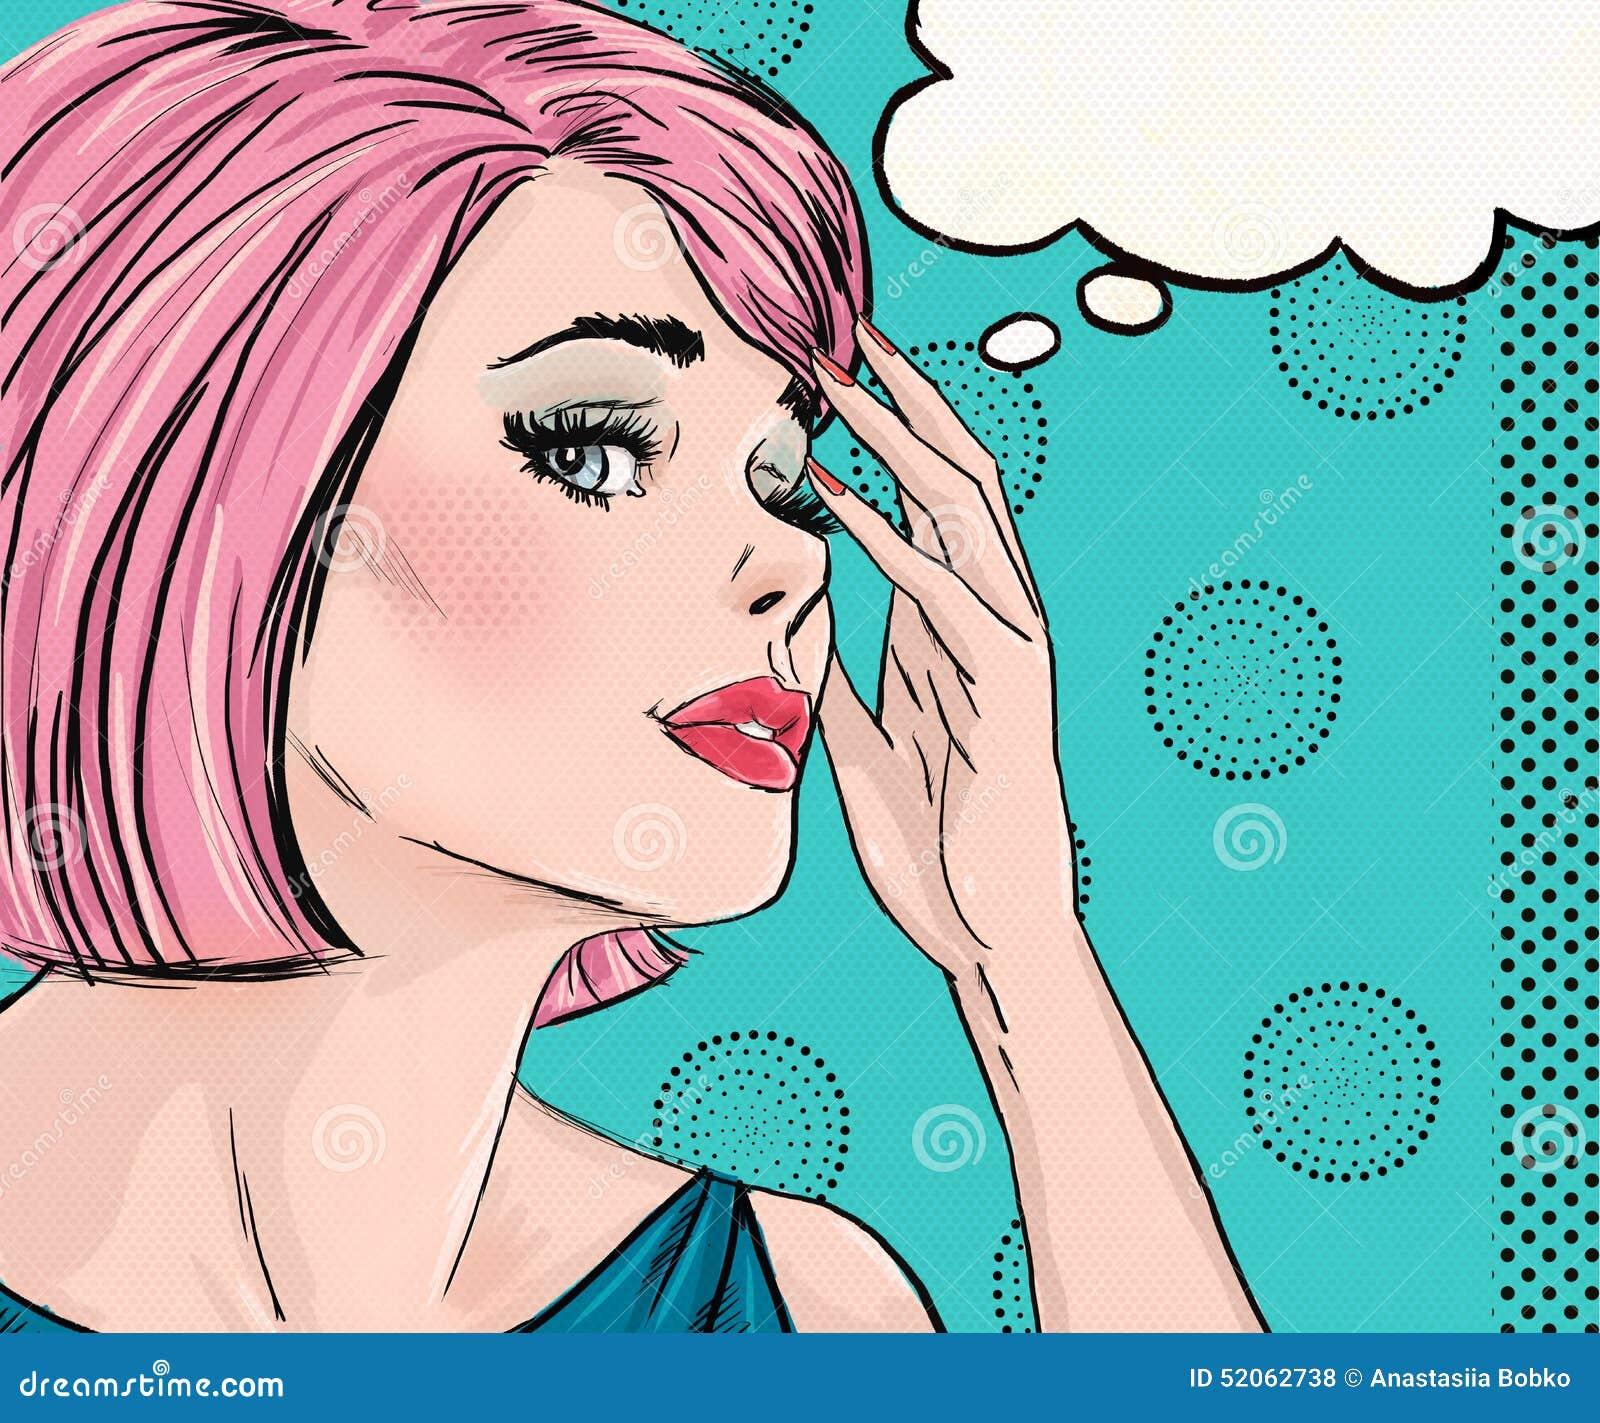 Pop-Arten-Illustration der überraschten Frau mit der Spracheblase Pop-Arten-Mädchen Comic-Buch-Illustration Knall Art Woman